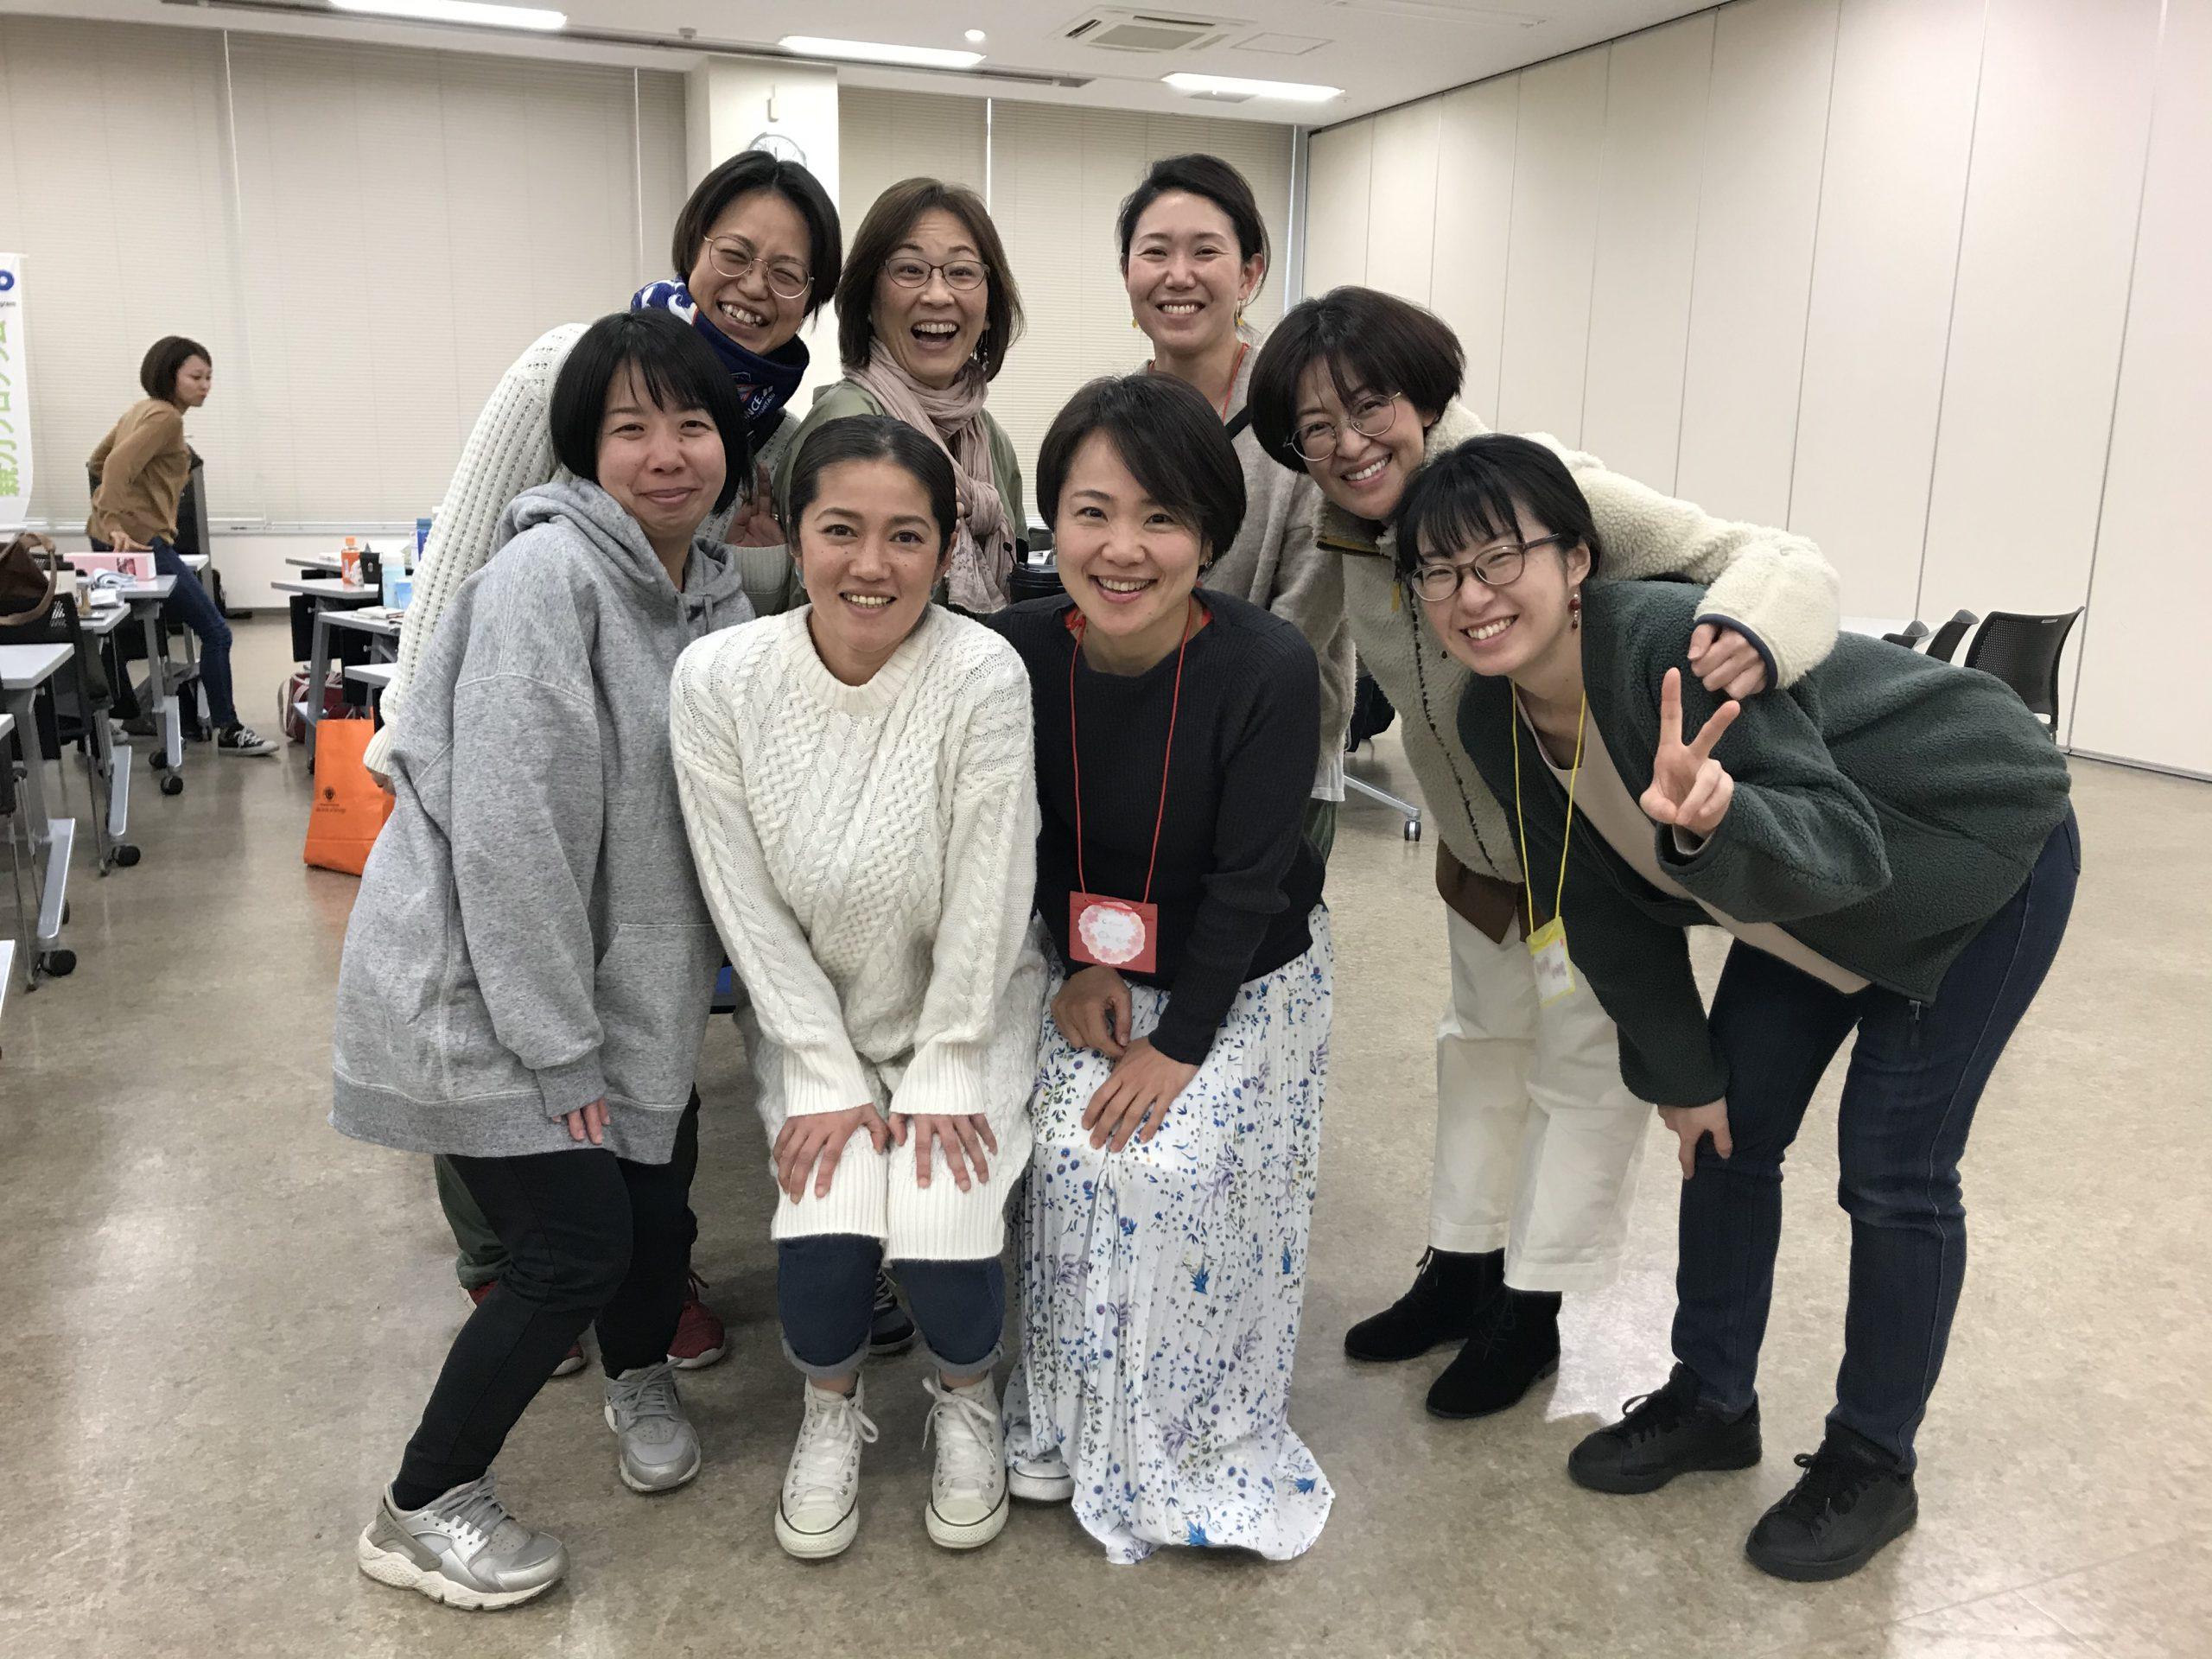 2020/2/25 1010HAPPY藤沢クラス Cグループ